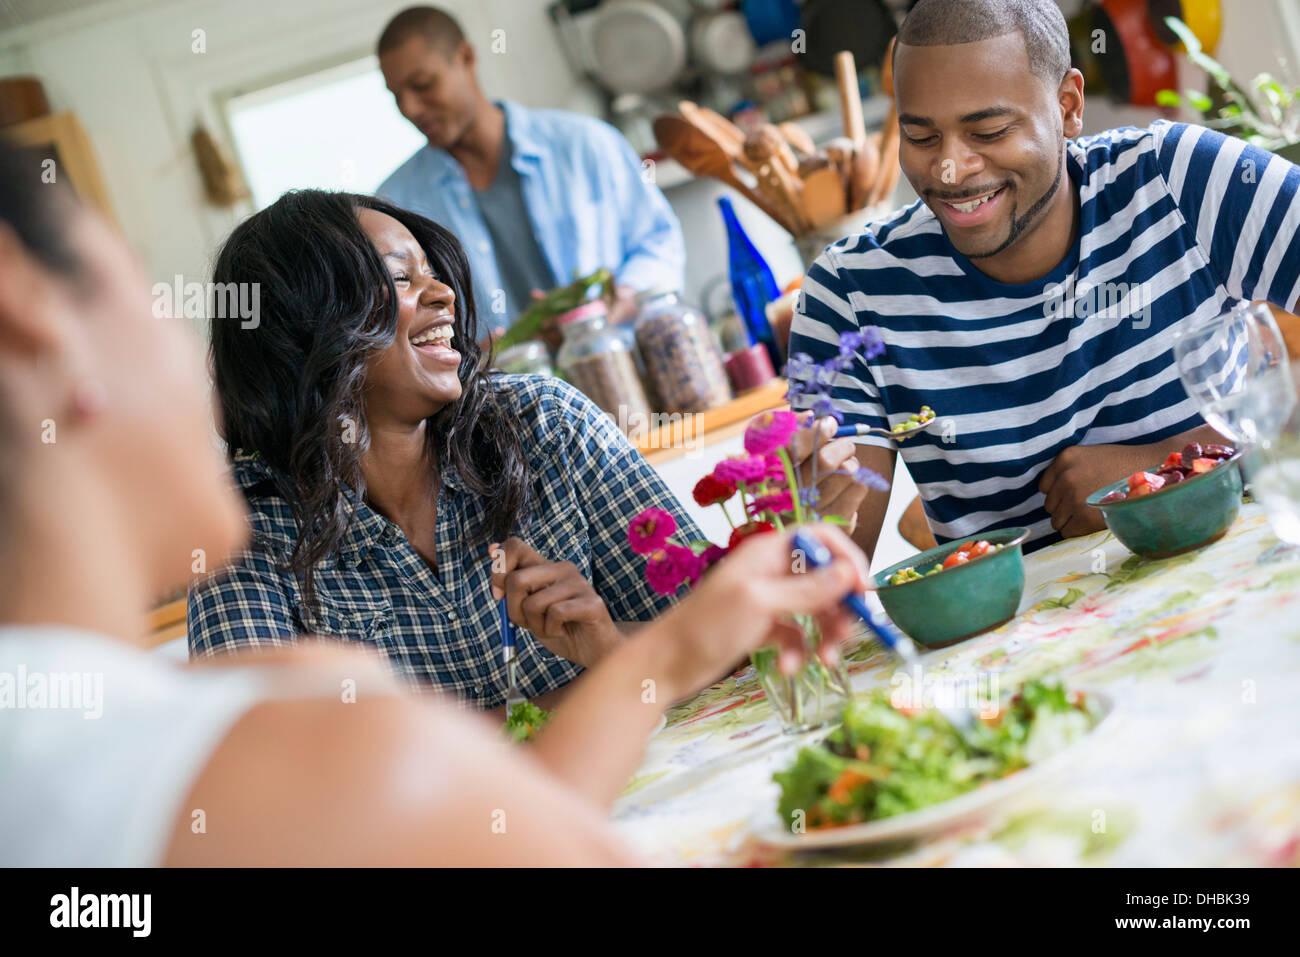 Eine Gruppe von Frauen und Männern bei einer Mahlzeit in einer Landhausküche. Stockbild